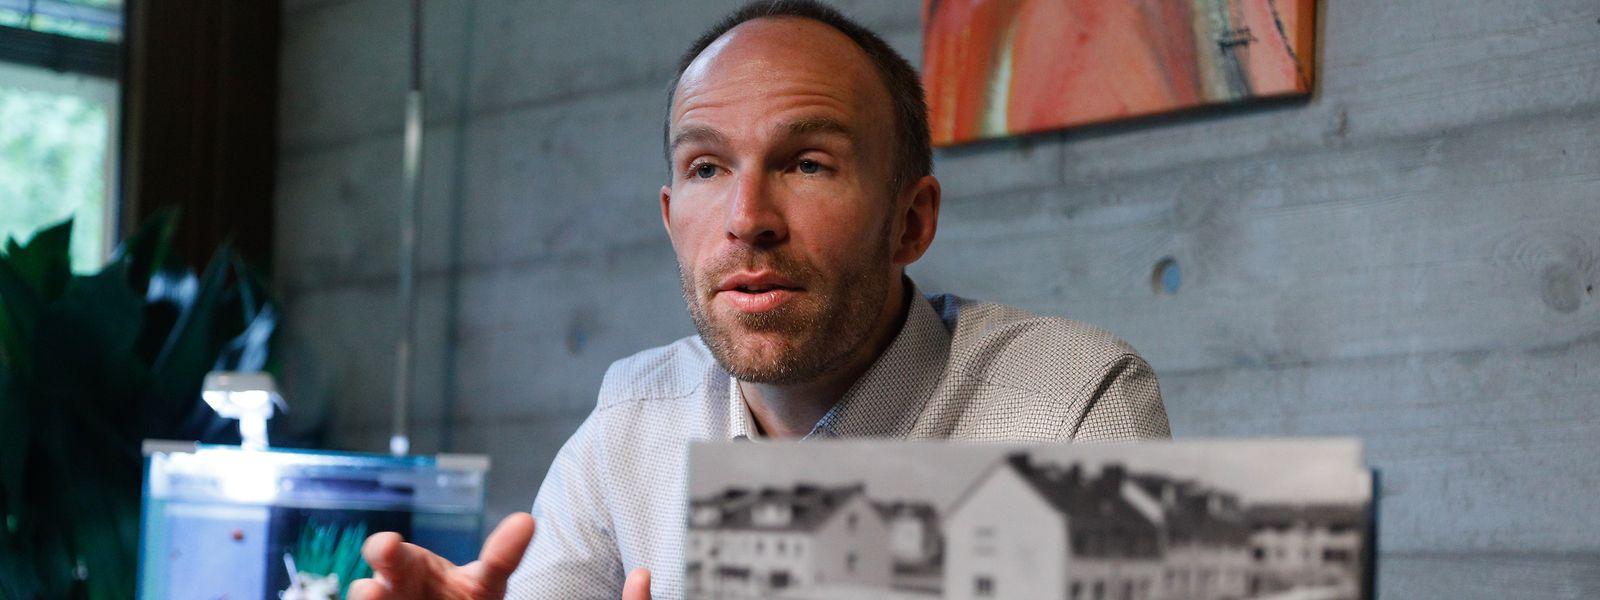 Guy Entringer, le directeur de la SNHBM enjoint le monde politique à agir sur le marché de l'immobilier pour faire baisser la demande